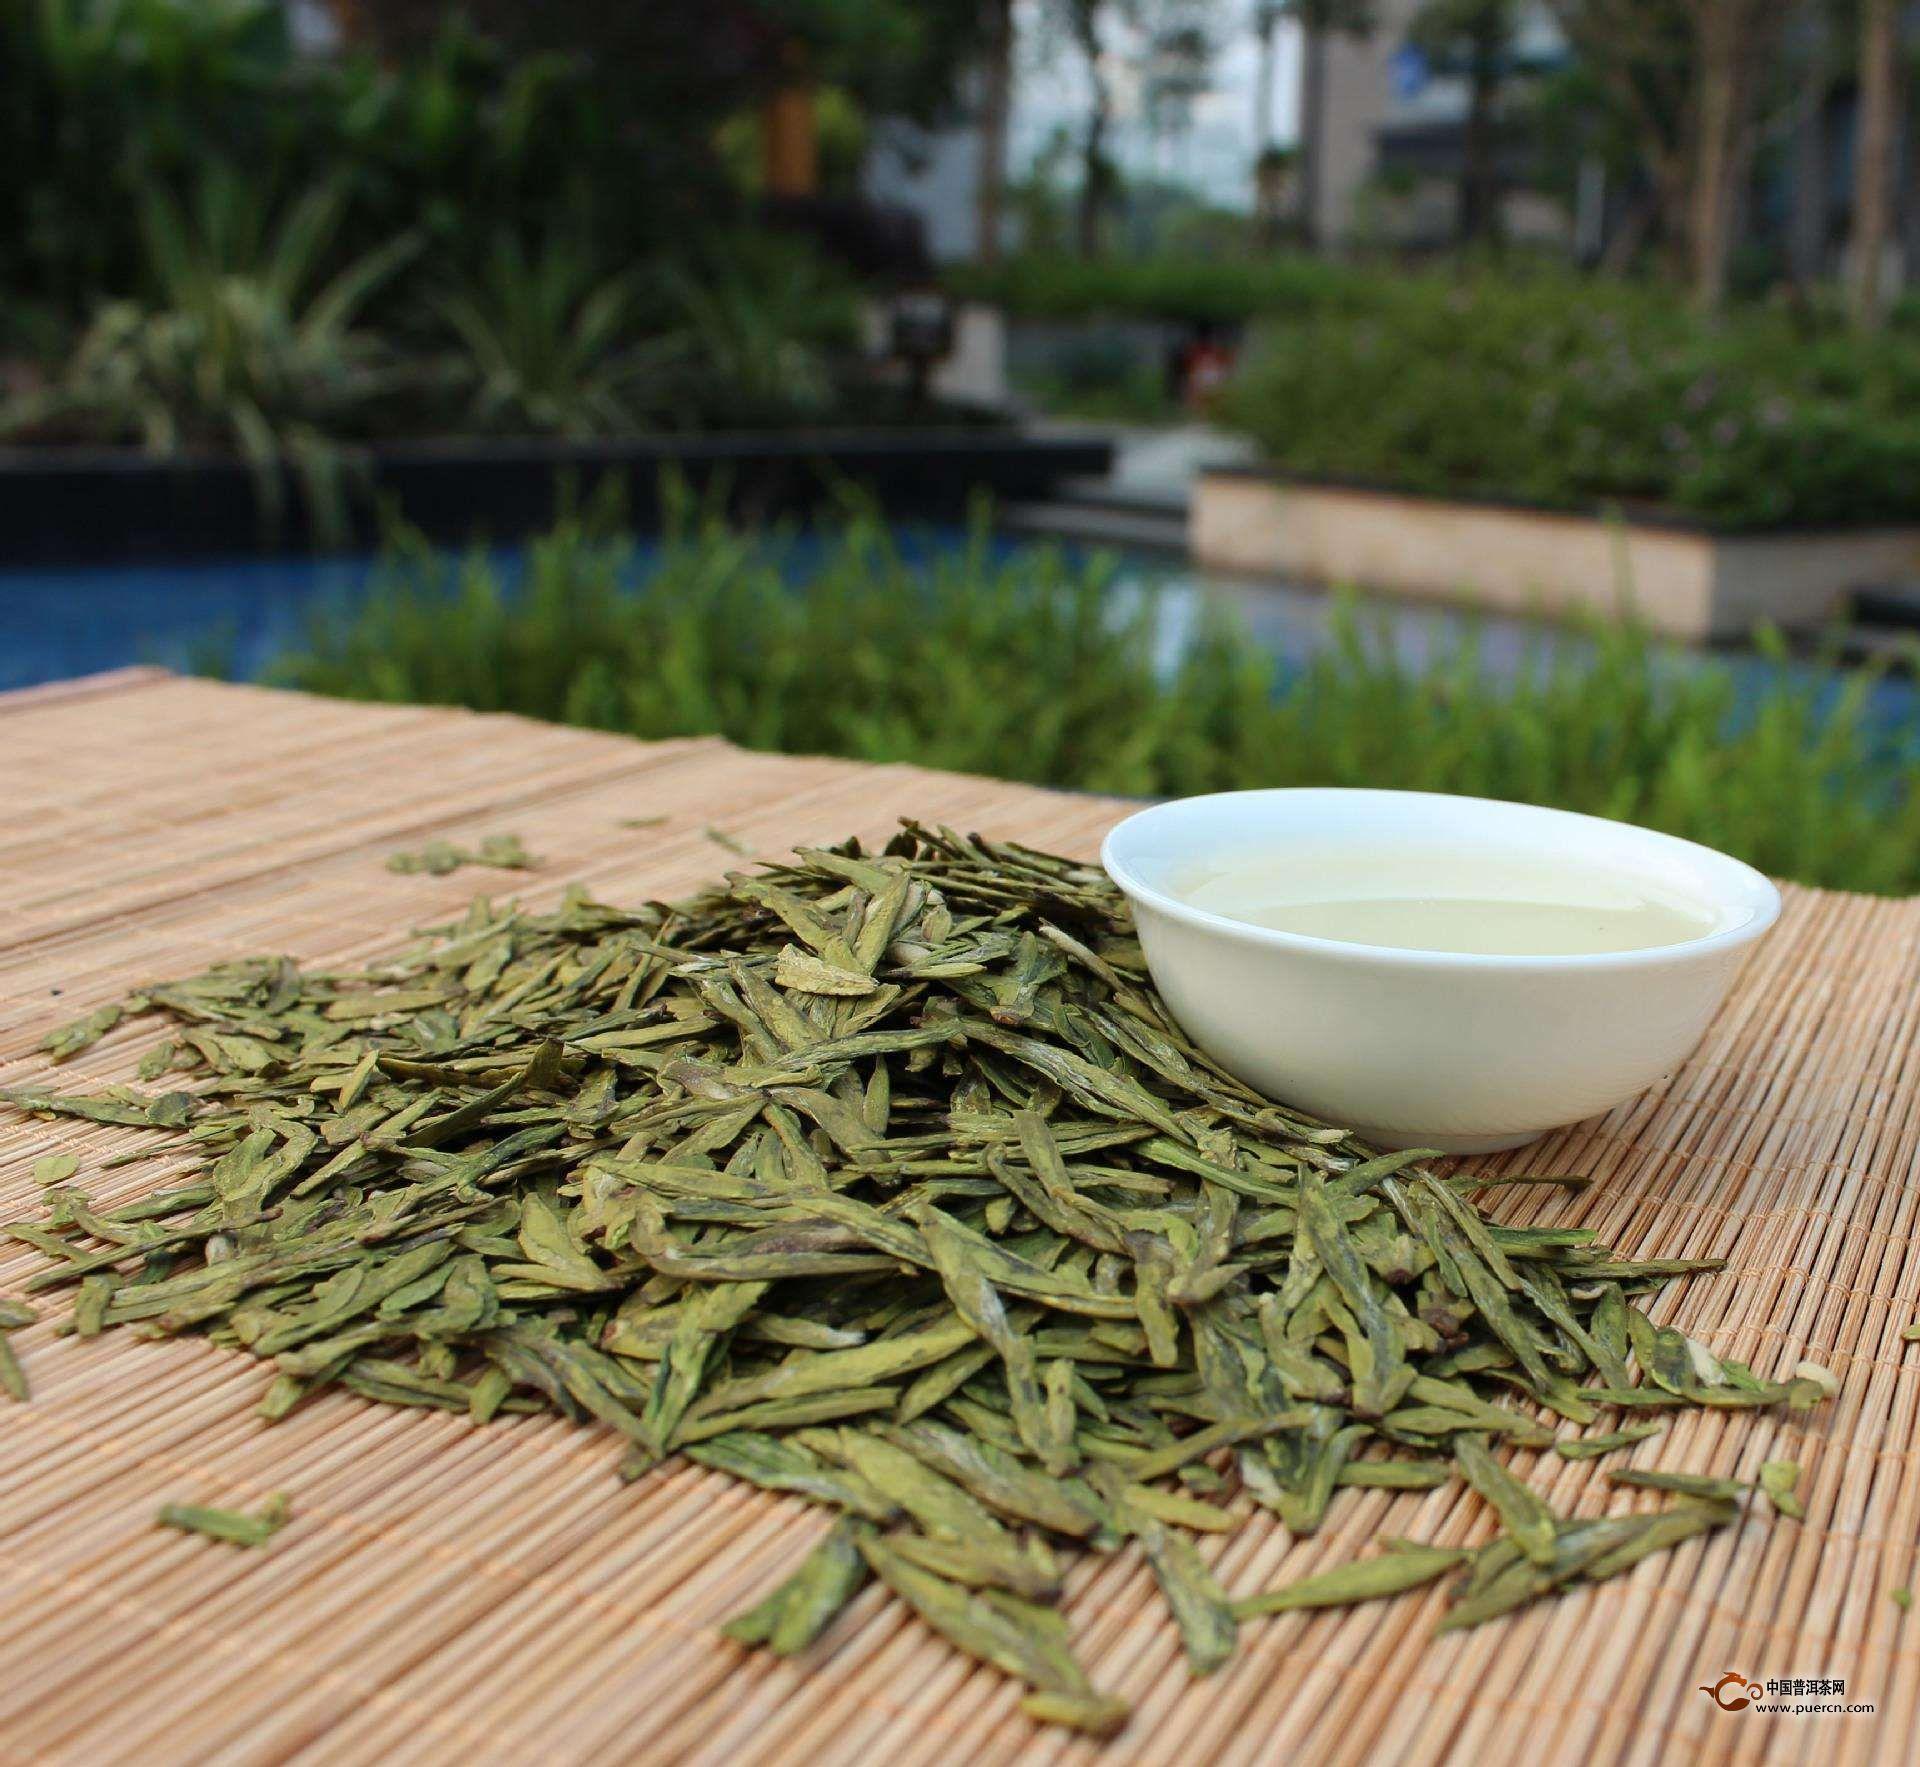 绿茶包括哪些茶叶